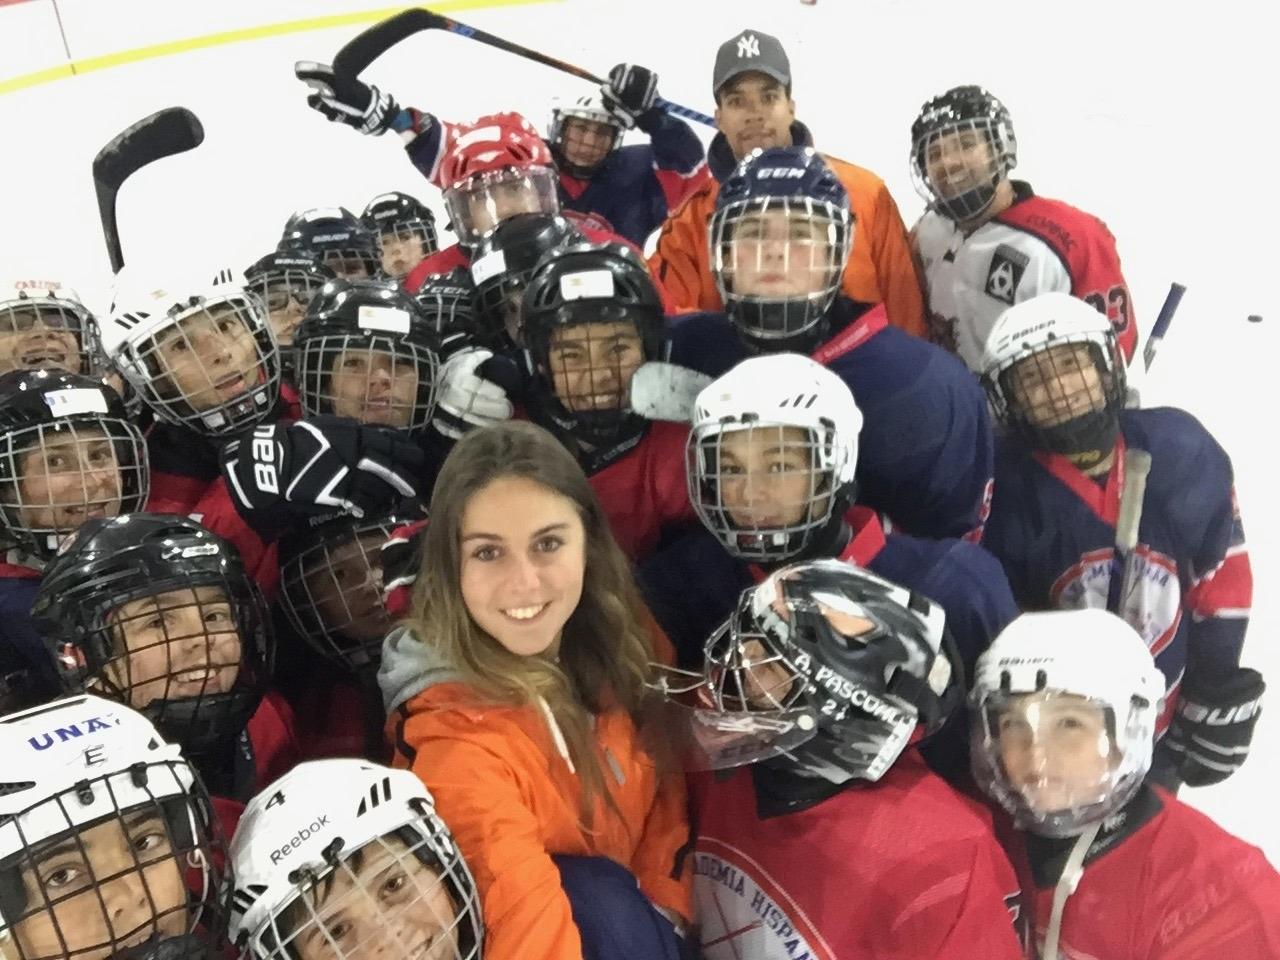 Una joven universitaria de Majadahonda elabora una encuesta sobre el interés por los deportes de hielo